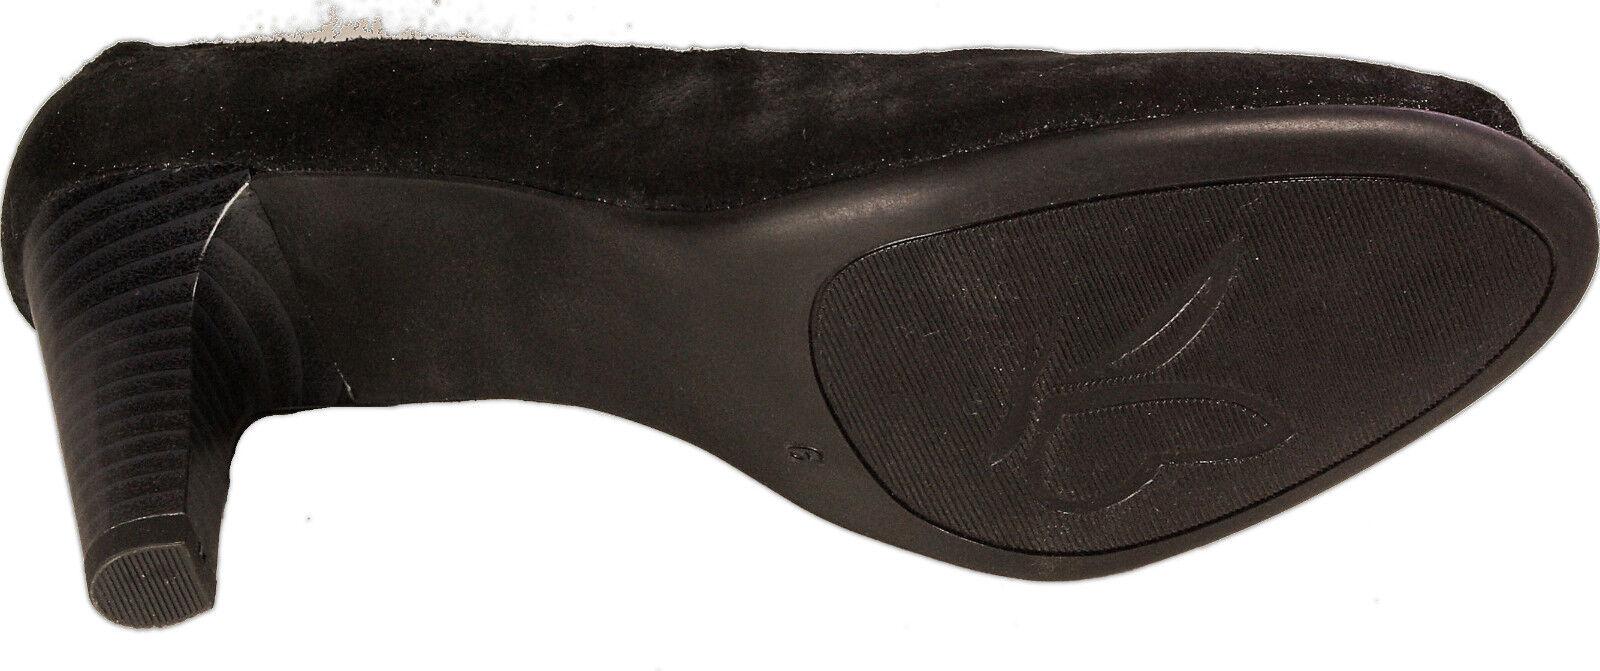 CAPRICE schwarz Schuhe Pumps Peep toe schwarz CAPRICE echt Leder - laufen auf Luft - NEU 7cefd4